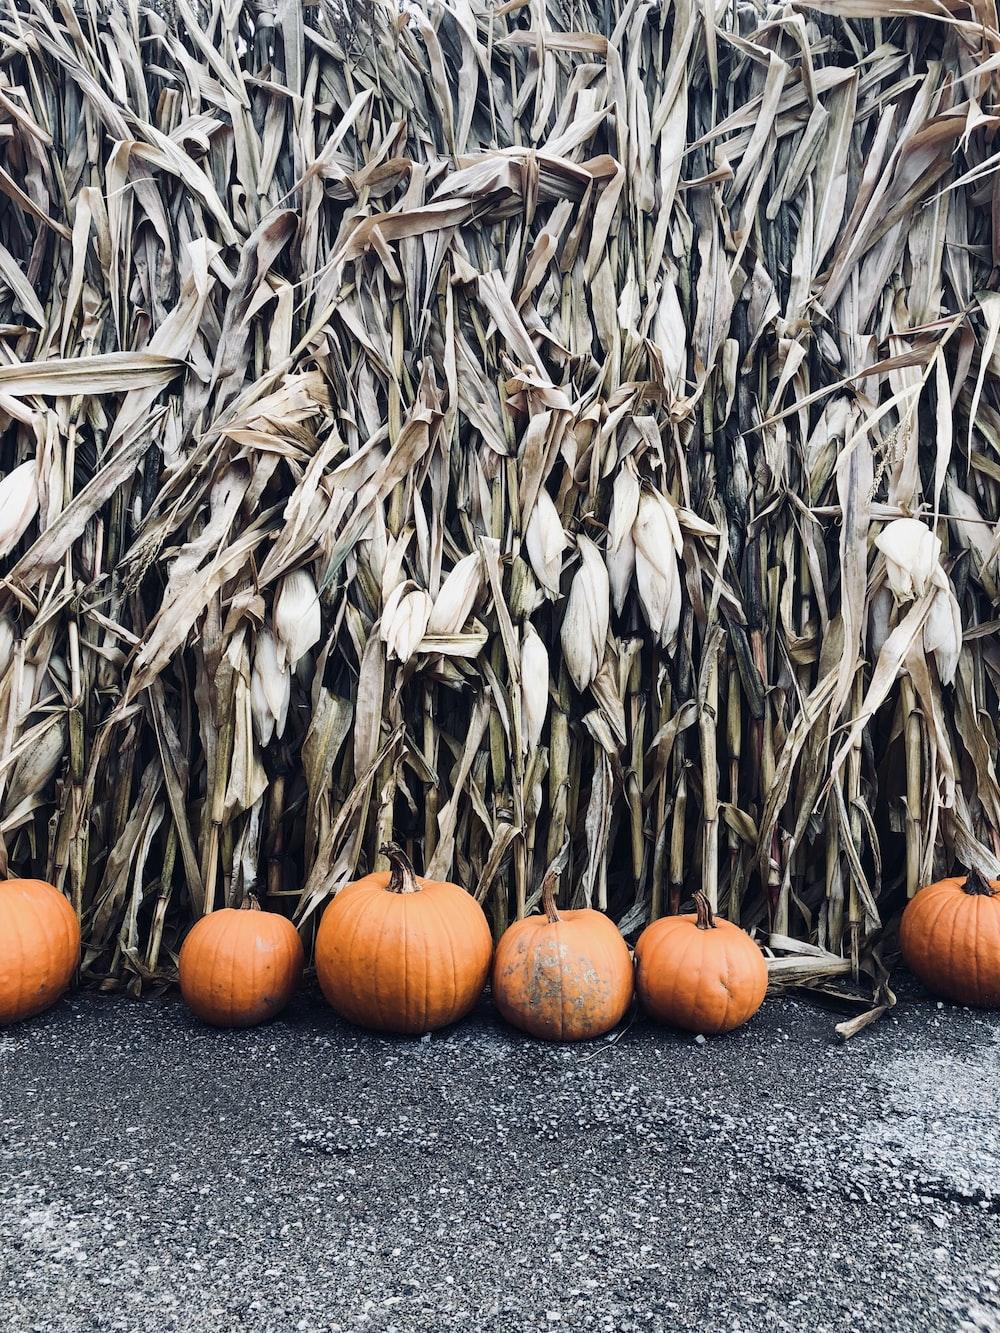 photo of pumpkin near grass